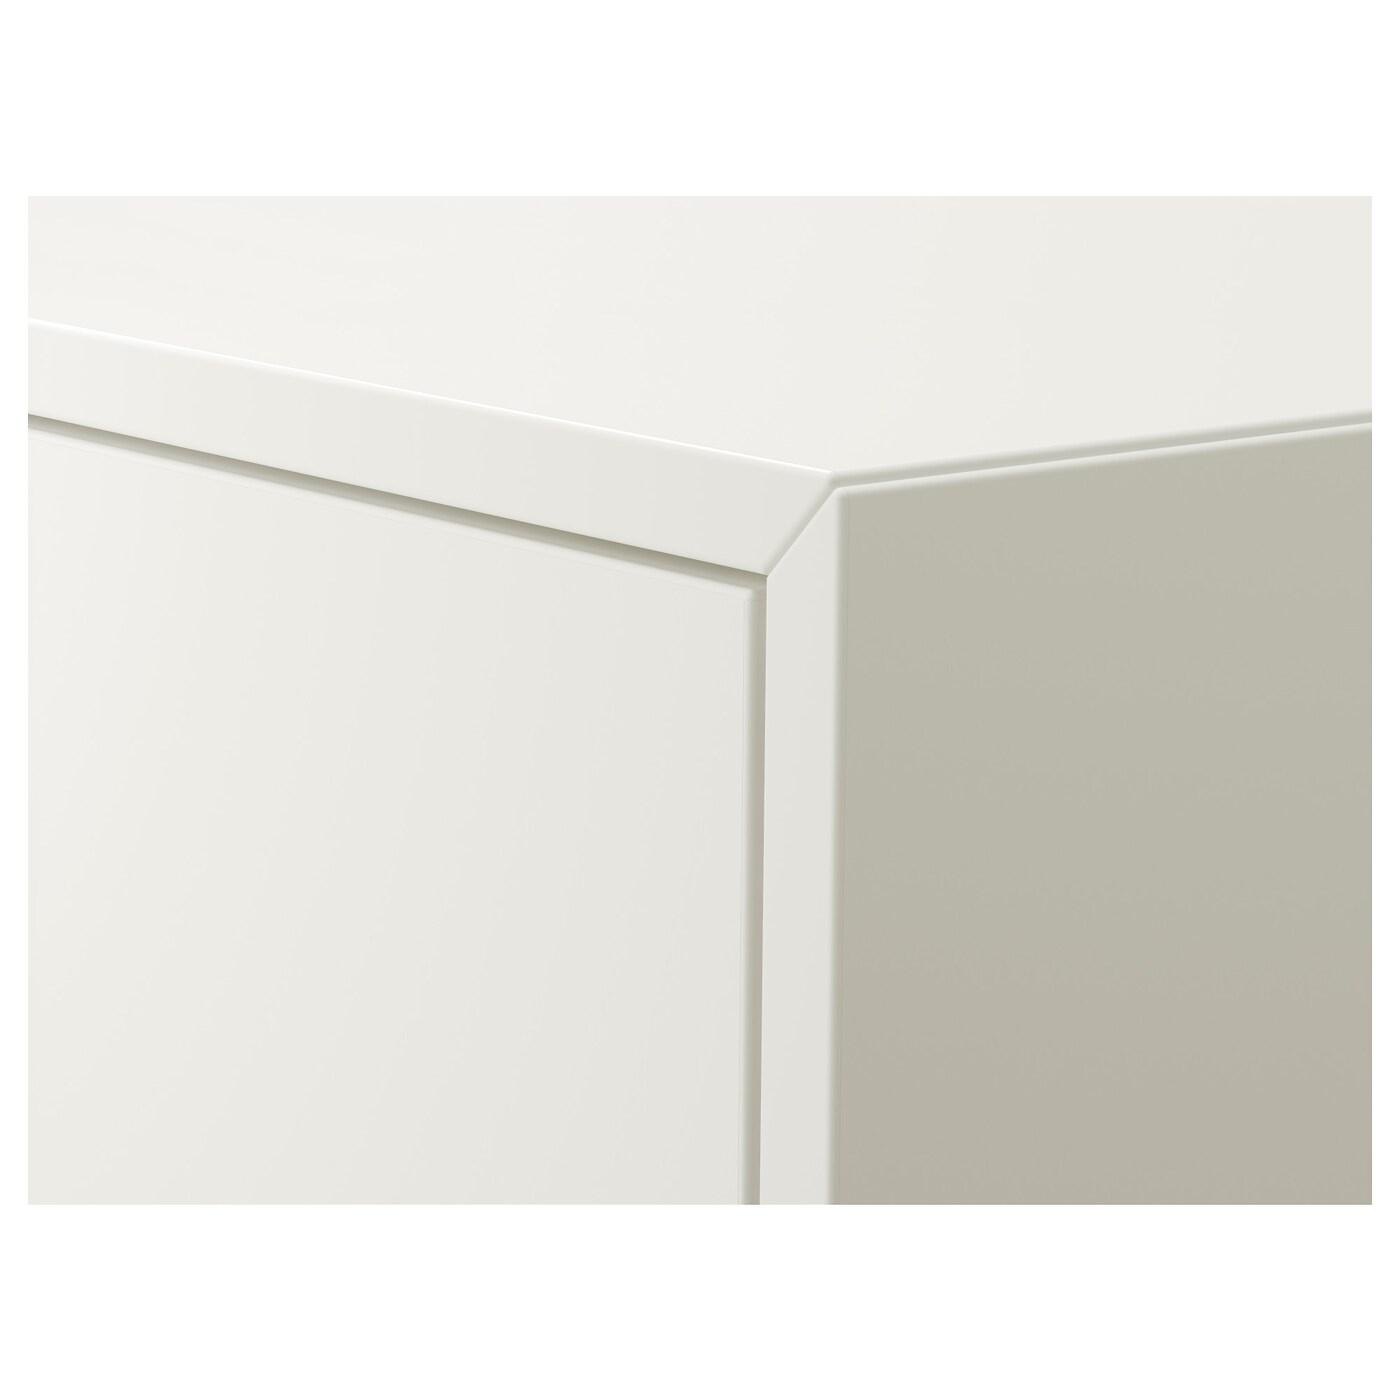 EKET ЕКЕТ Шафа з 2 шухлядами, білий, 35x35x35 см